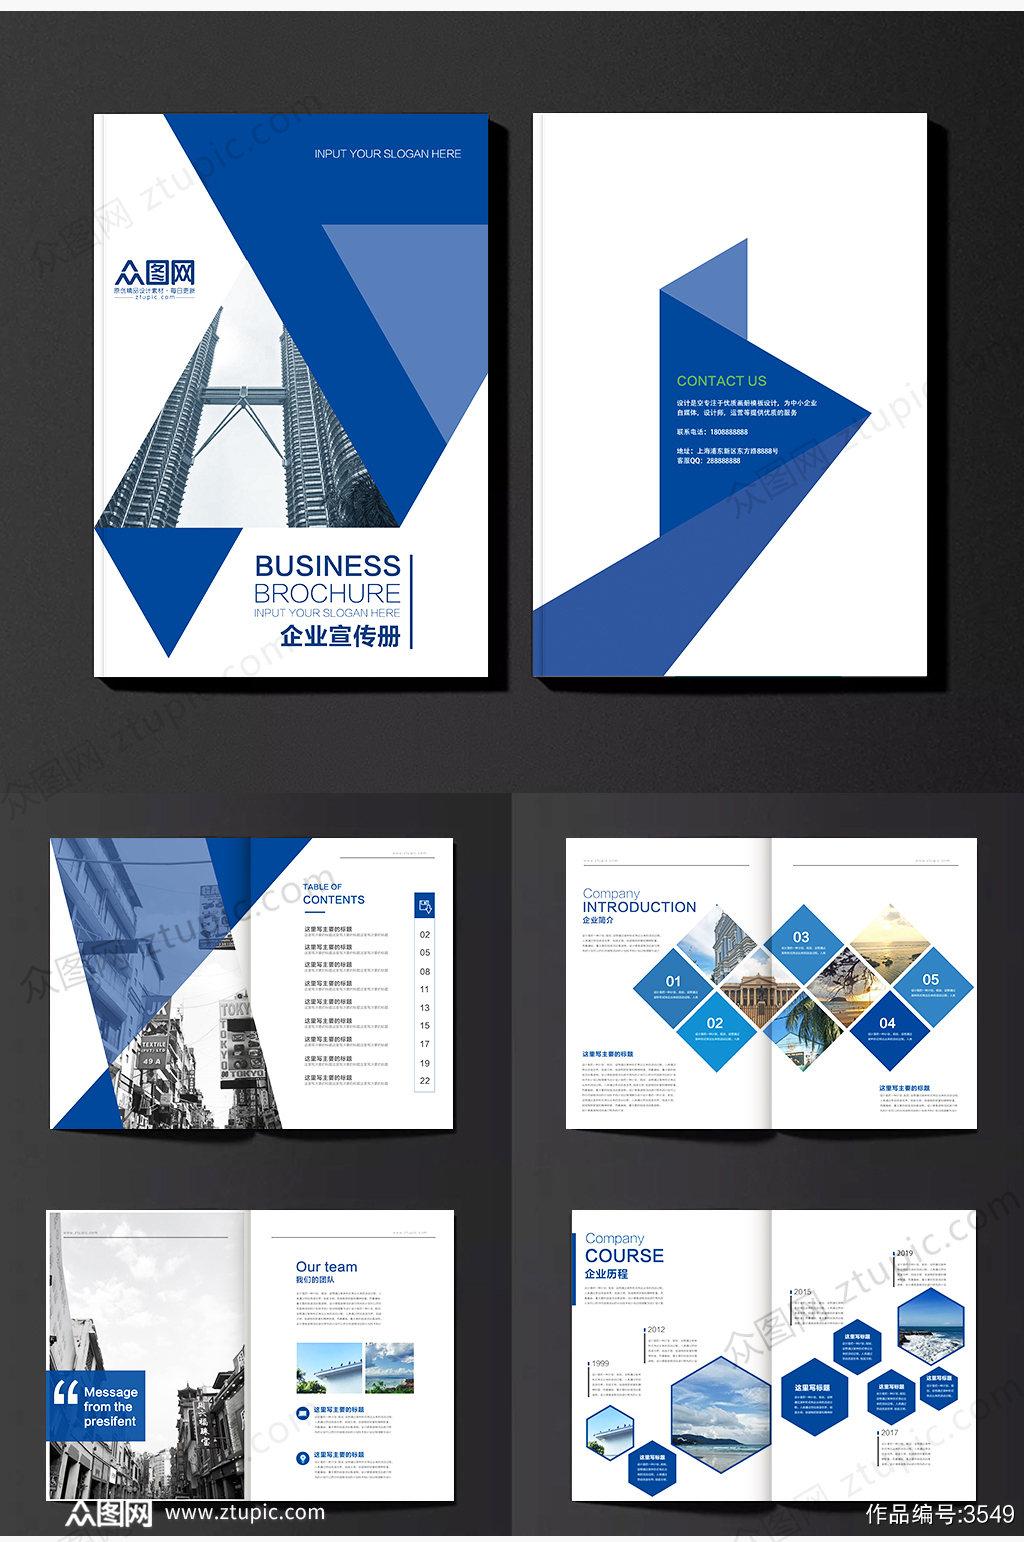 整套蓝色时尚商务建筑画册素材